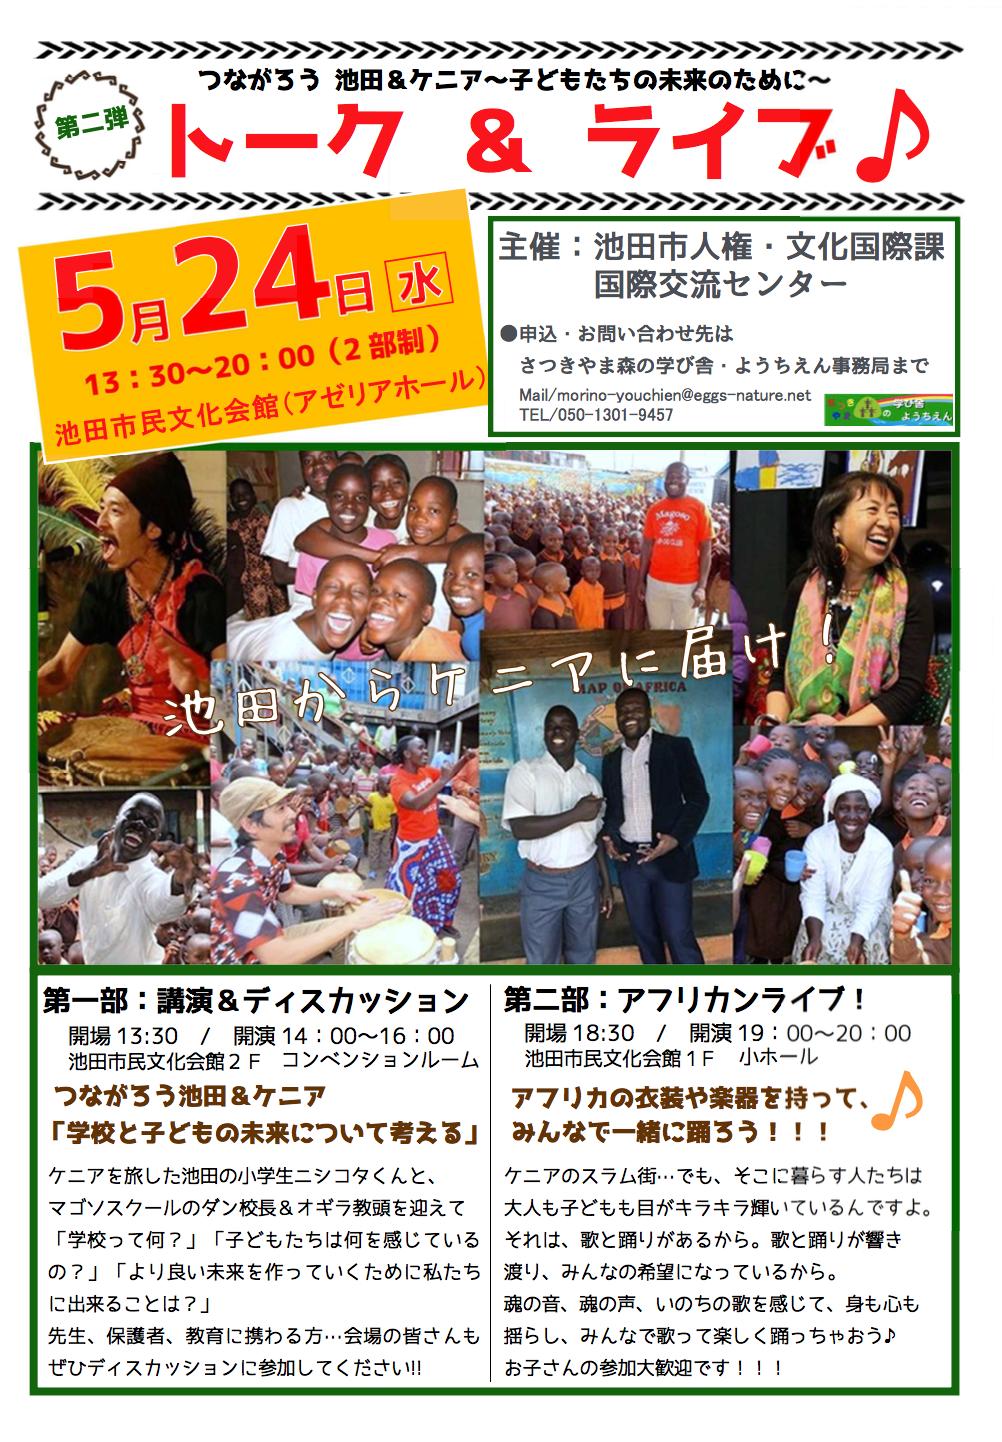 チャリティーイベント『池田からケニアへ届け!チャリティーイベント』